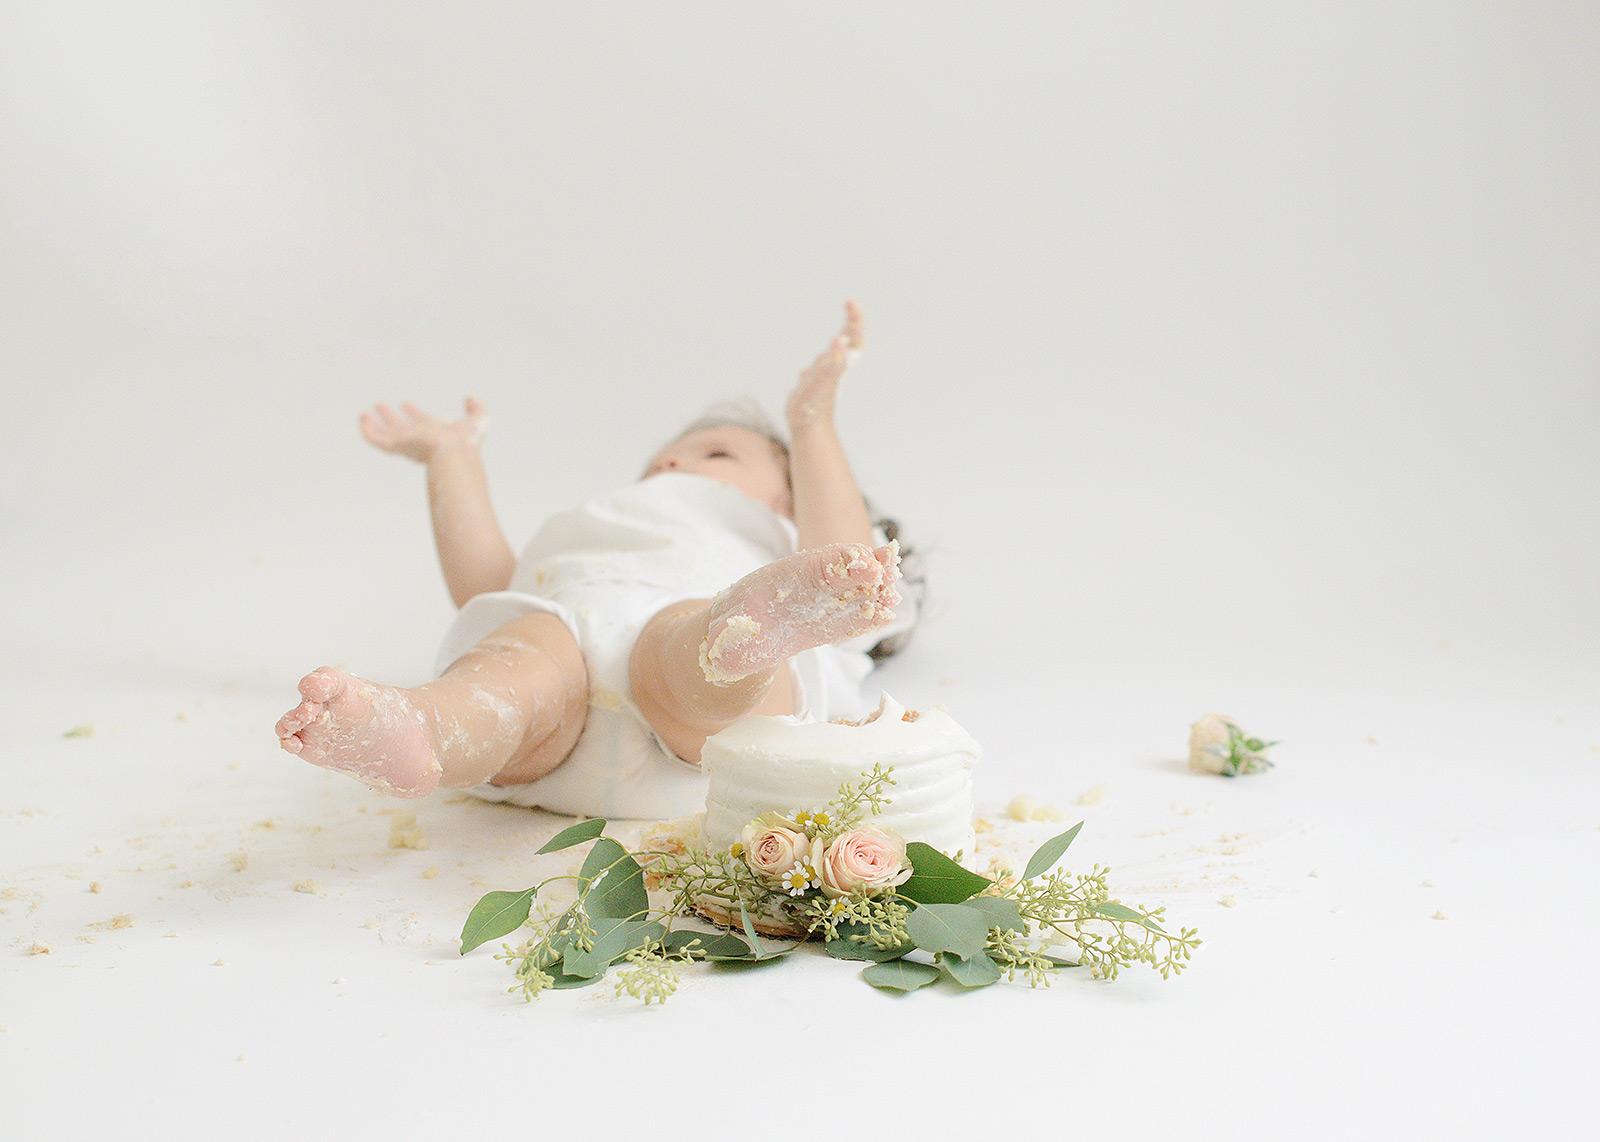 Baby Girl Lying on Floor After Cake Smash